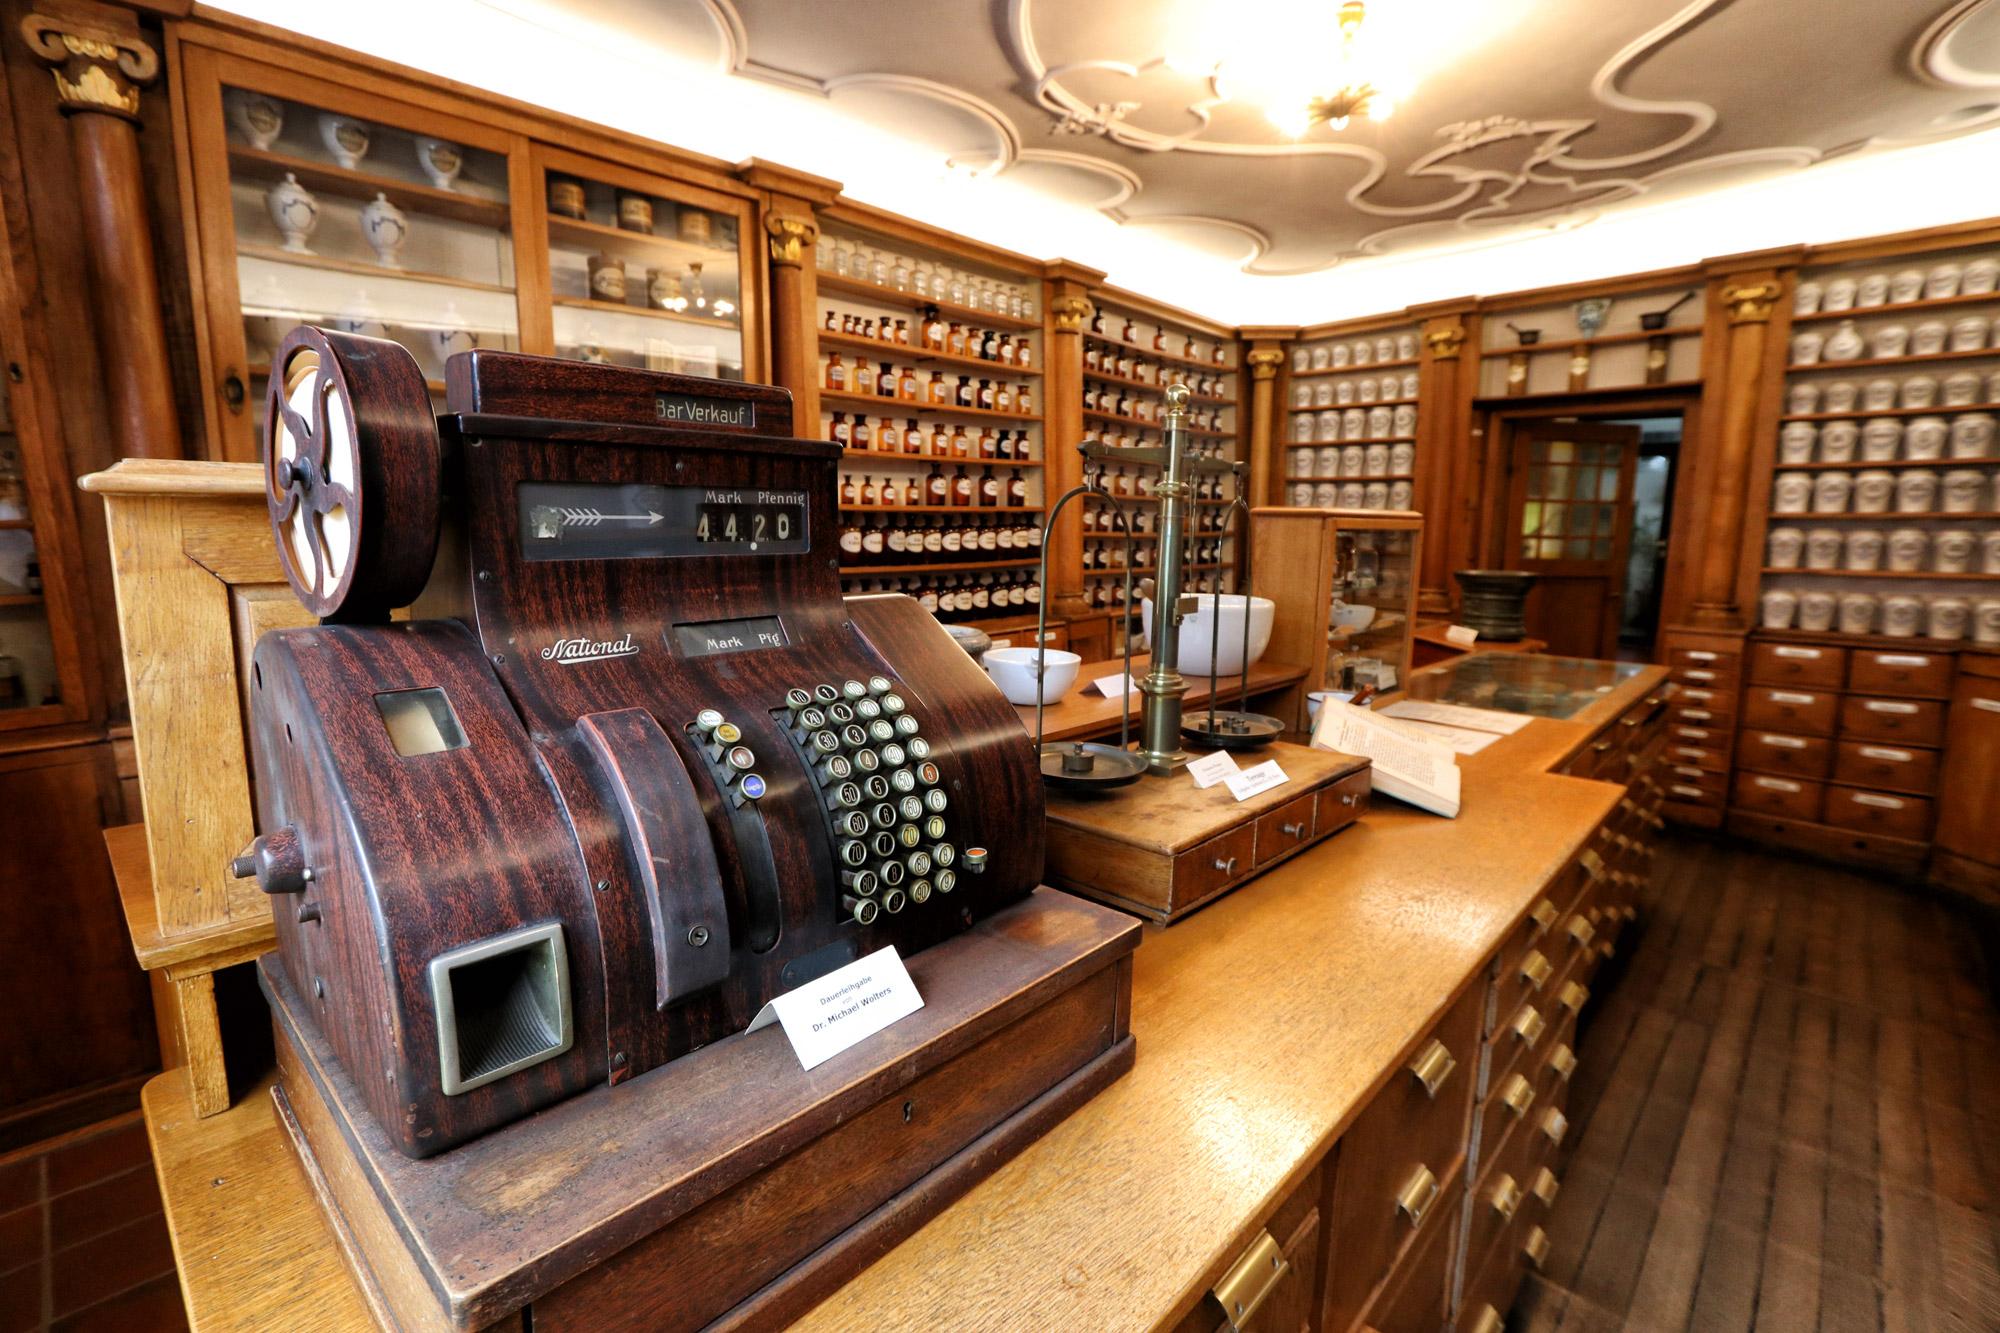 Bad Münstereifel - Schwanen Apotheken Museum